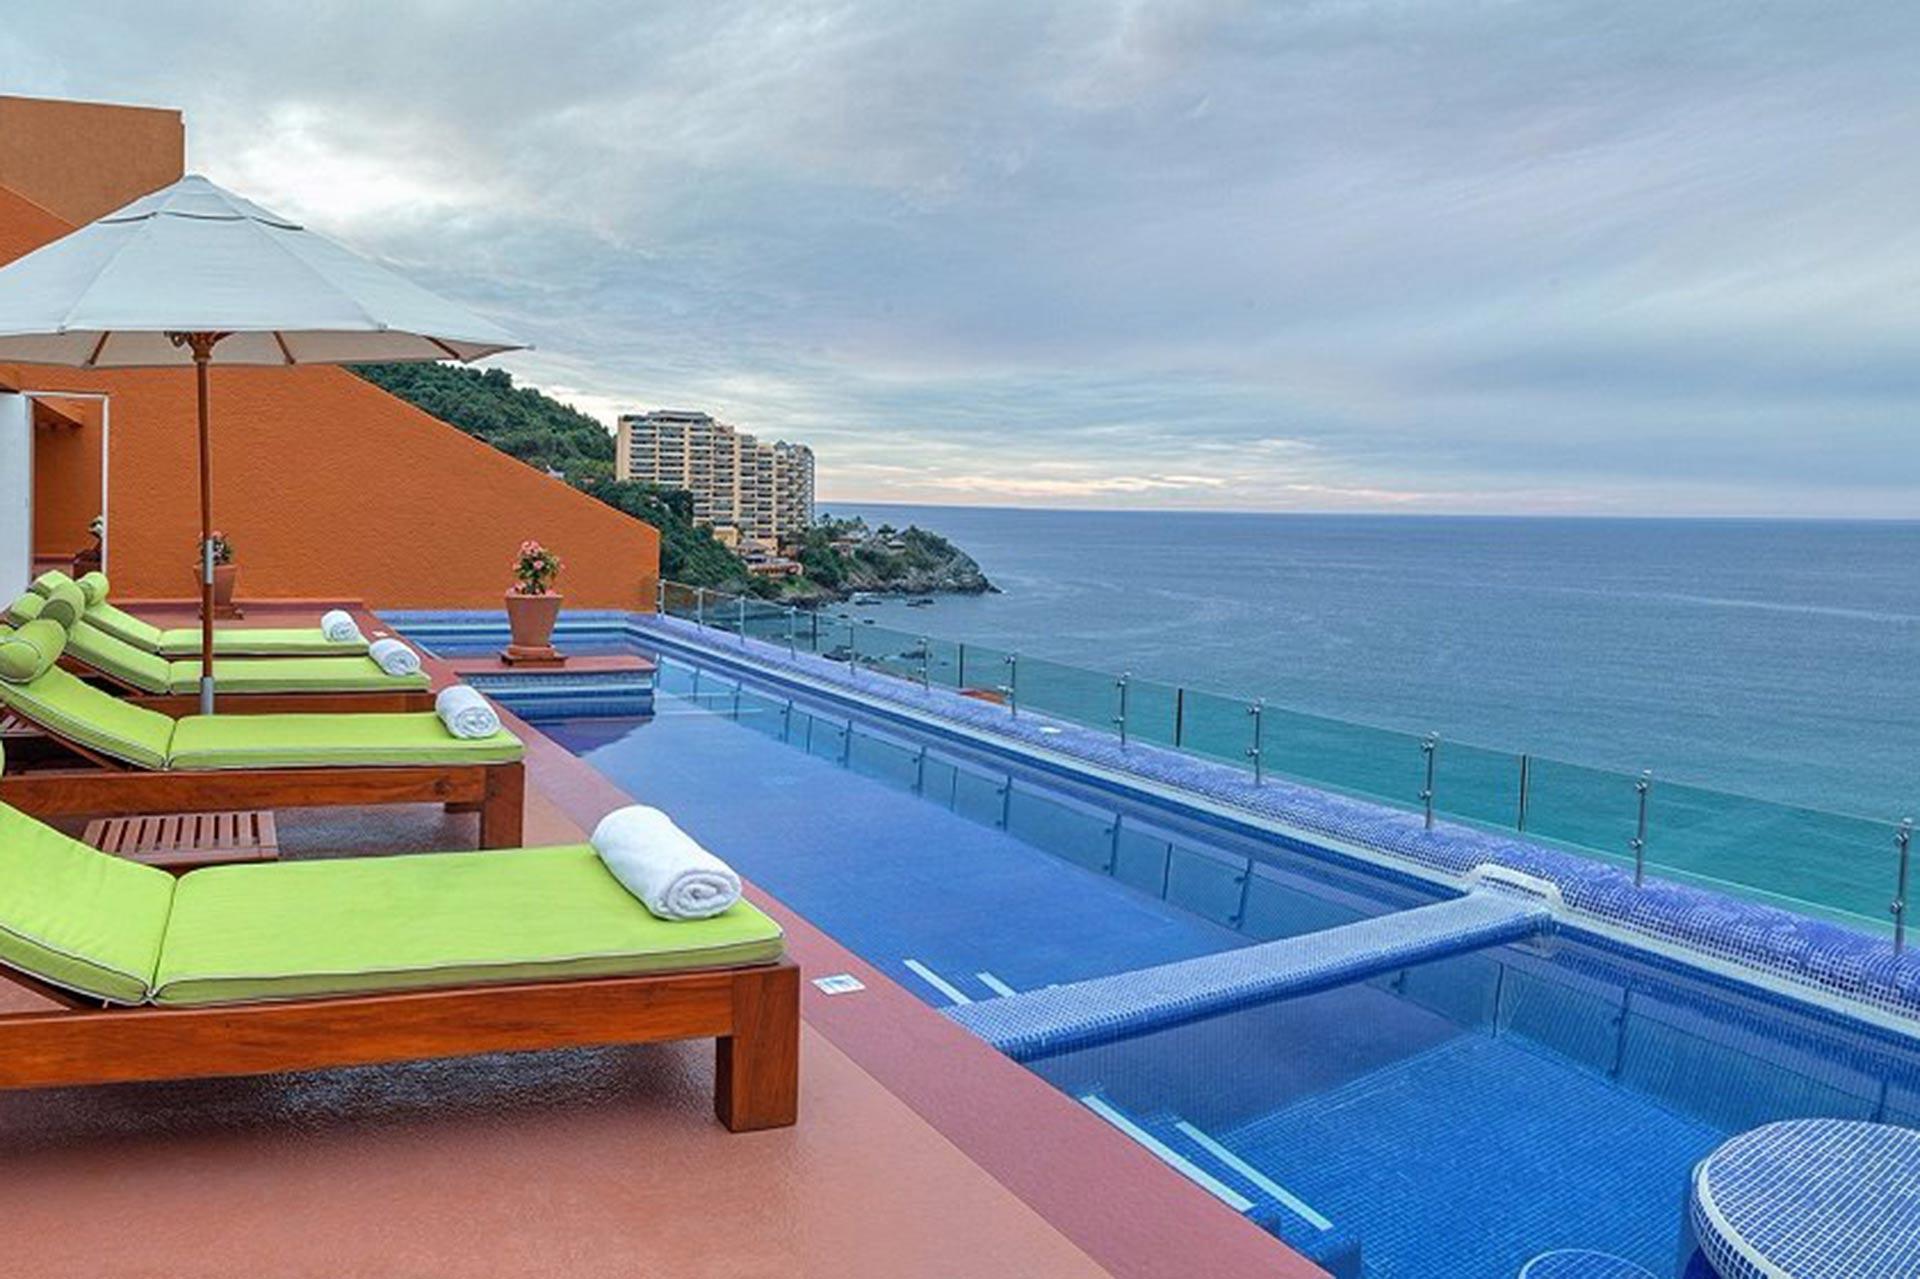 Master Suite at Las Brisas Ixtapa in Mexico